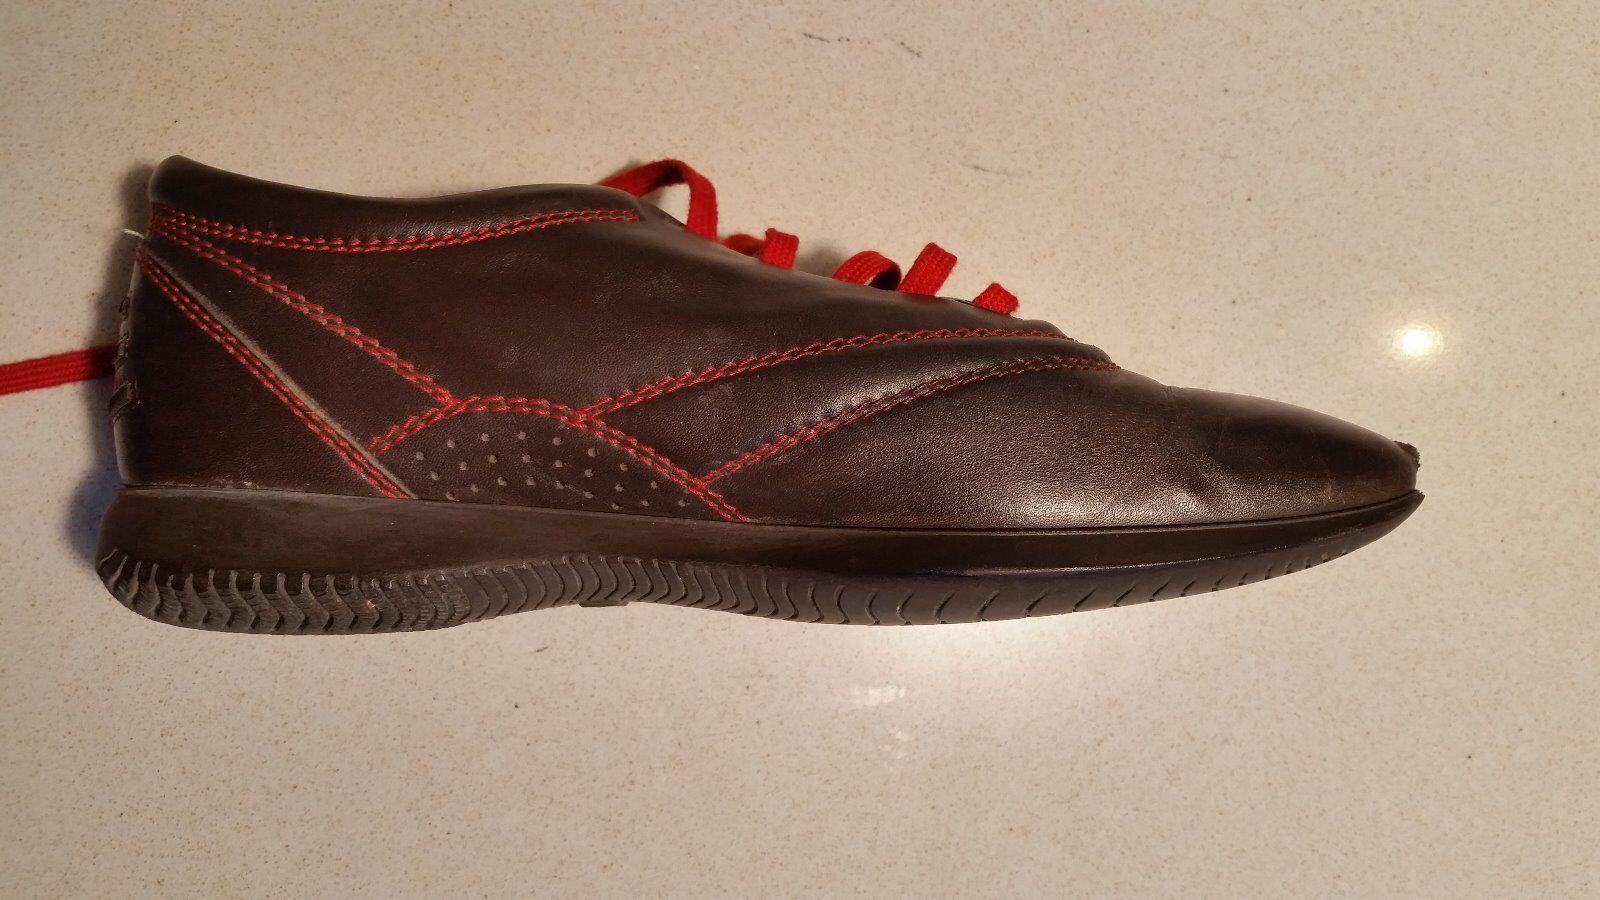 Hogan's (Tod's Group) Marrón Cuero Zapatillas/Tenis-en muy buena condición